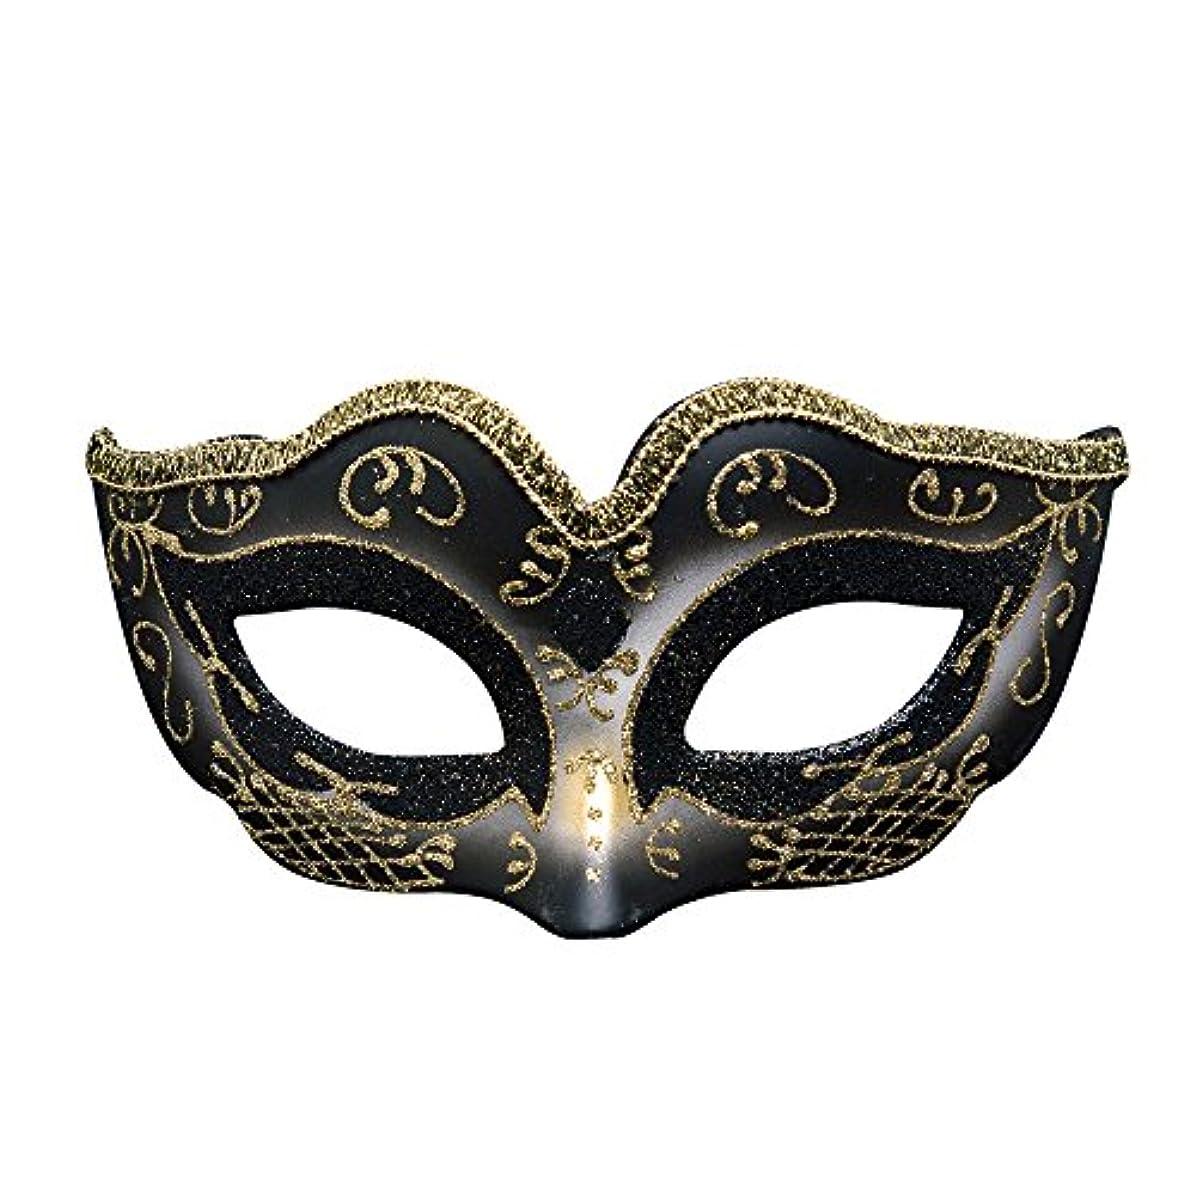 裏切る振るマルクス主義者クリエイティブキッズマスカレードパーティーハロウィンマスククリスマス雰囲気マスク (Color : #5)